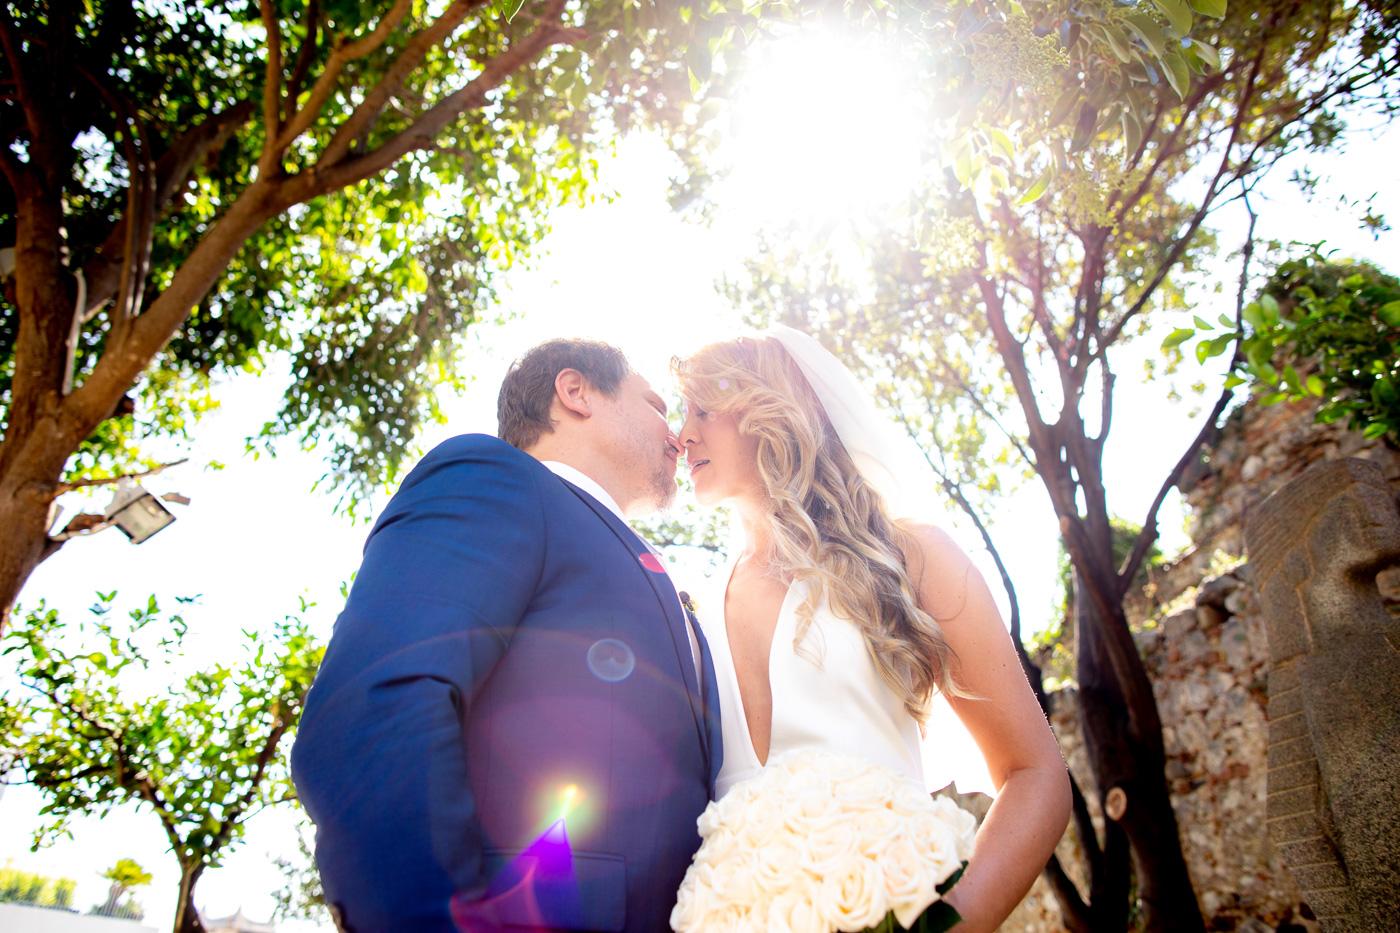 Matrimonio Romantico Sicilia _taormina_fotografo_video_bravo_top_allegro_chic_marco_ficili_003-